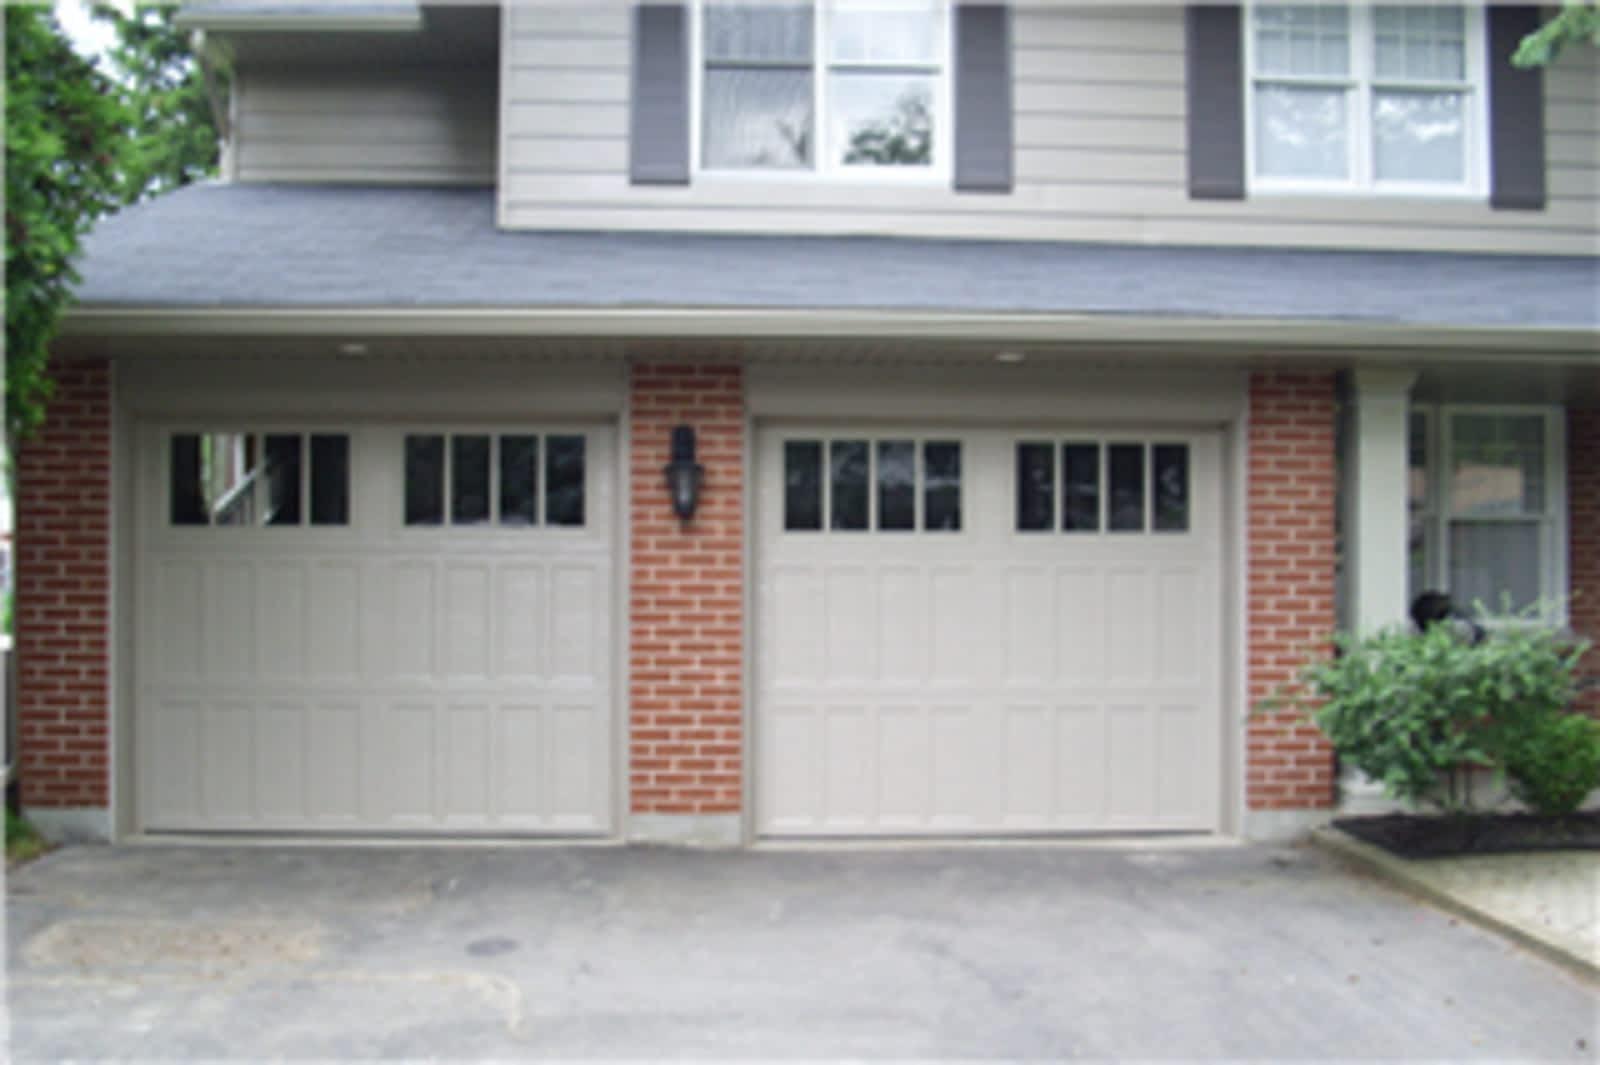 Kb garage doors gallery doors design ideas kb garage doors ltd opening hours 5130 miles rd & Kb Garage Doors Images - Doors Design Ideas pezcame.com